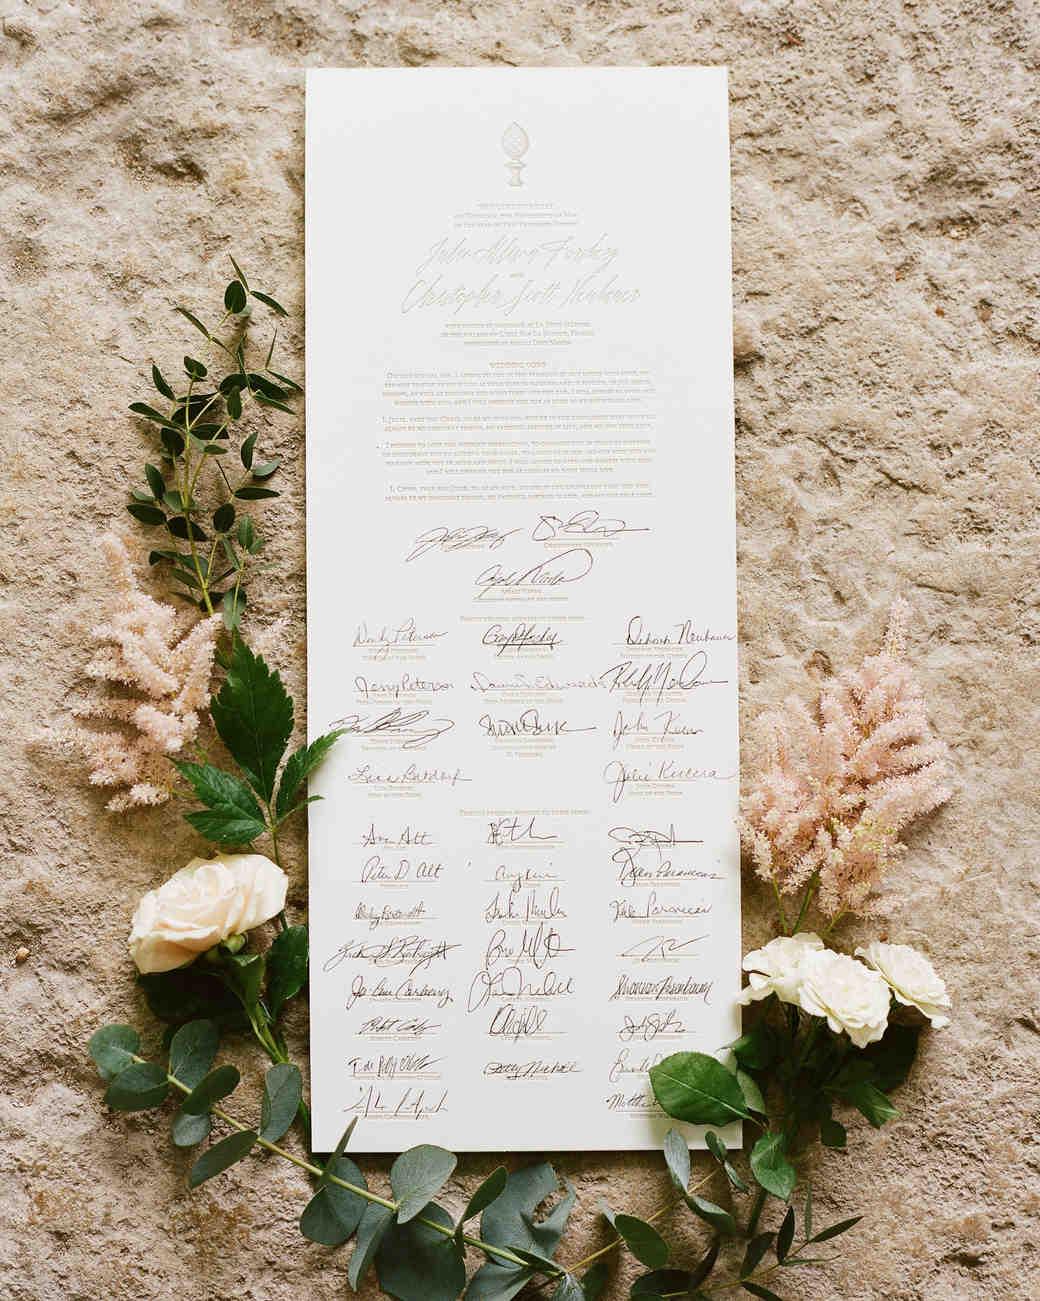 julie-chris-wedding-certificate-1785-s12649-0216.jpg